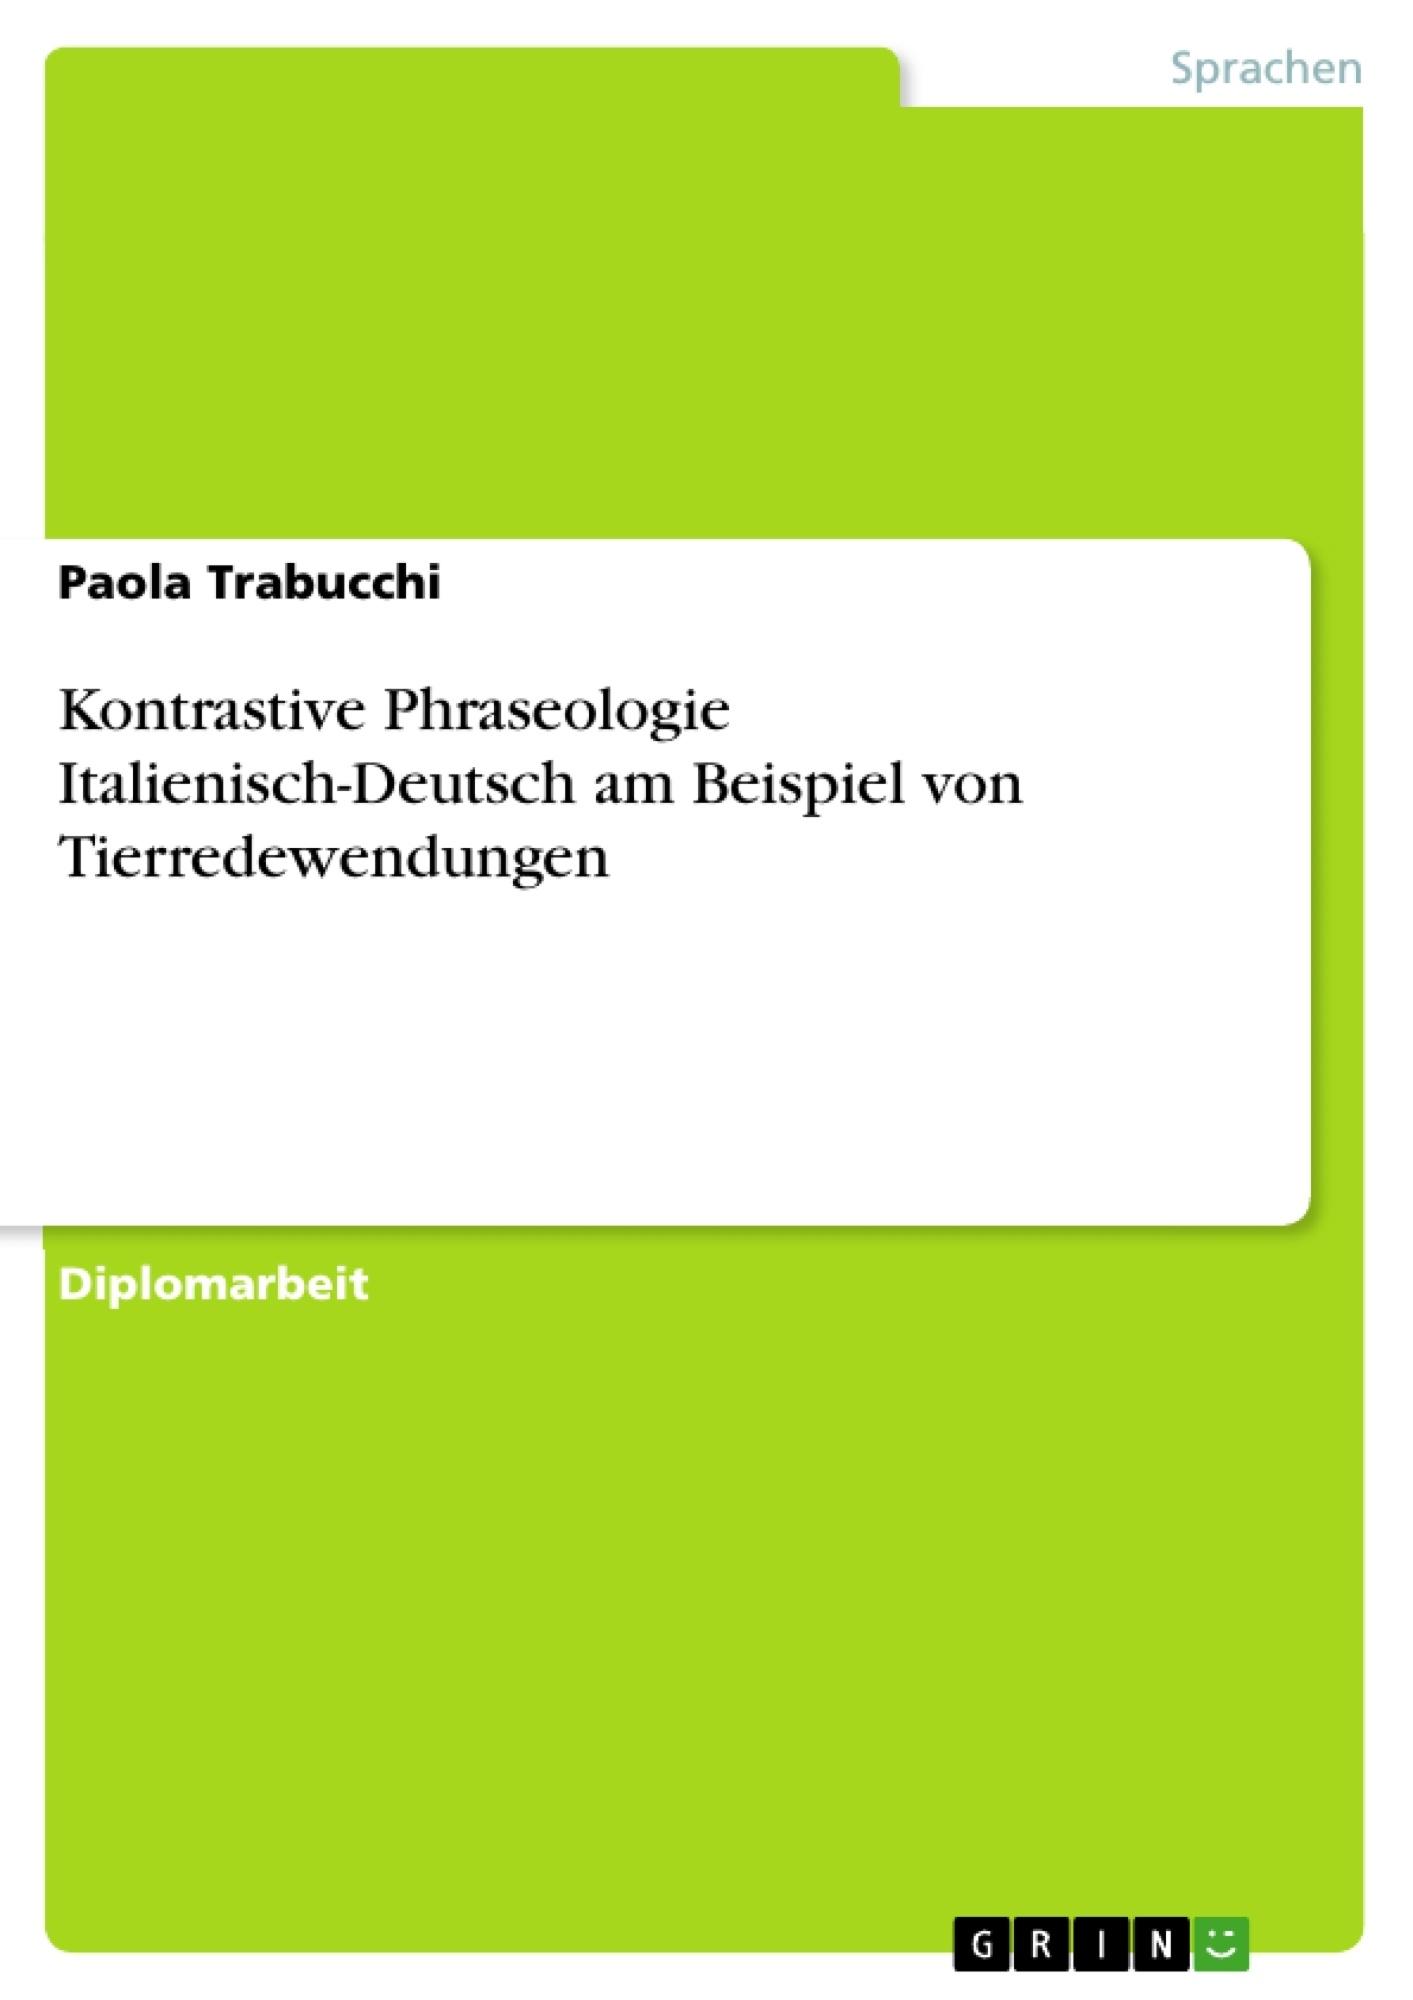 Titel: Kontrastive Phraseologie Italienisch-Deutsch am Beispiel von Tierredewendungen